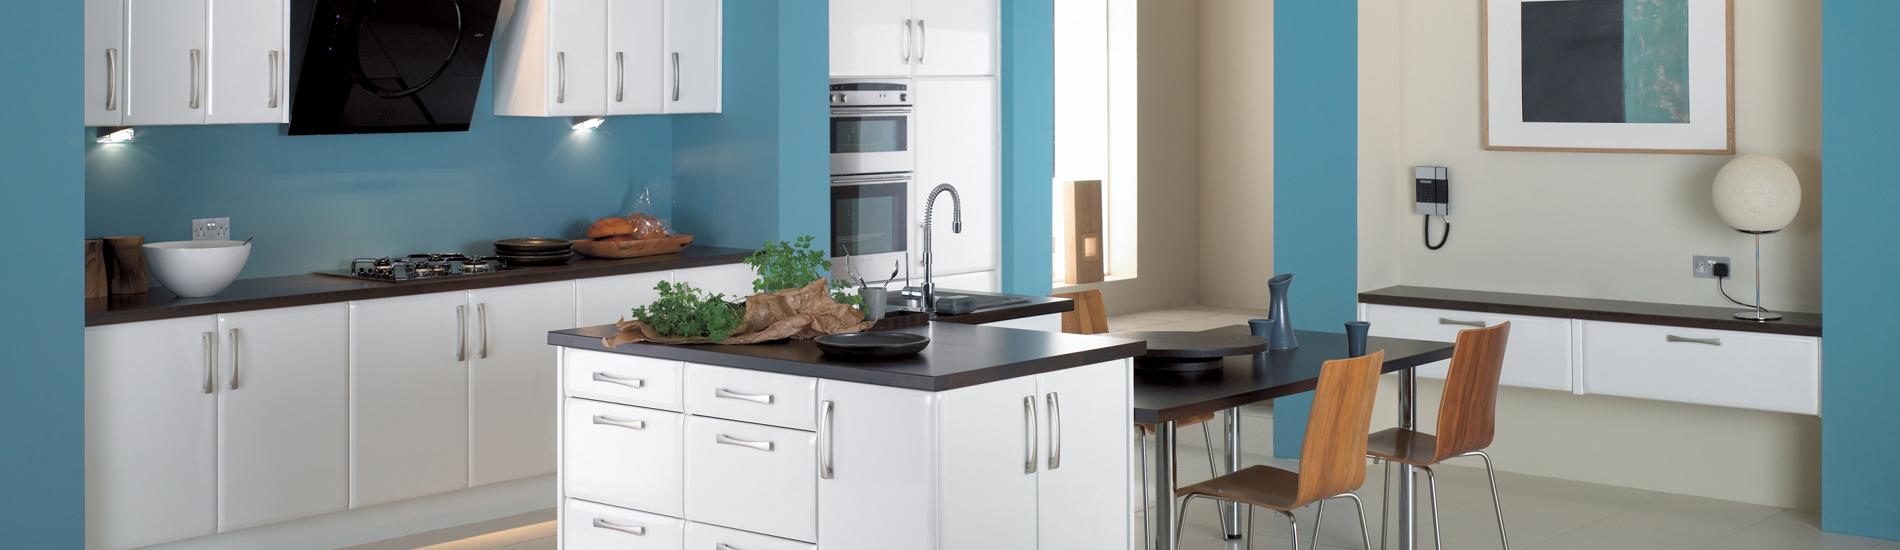 Home Jaguar Kitchen Basket